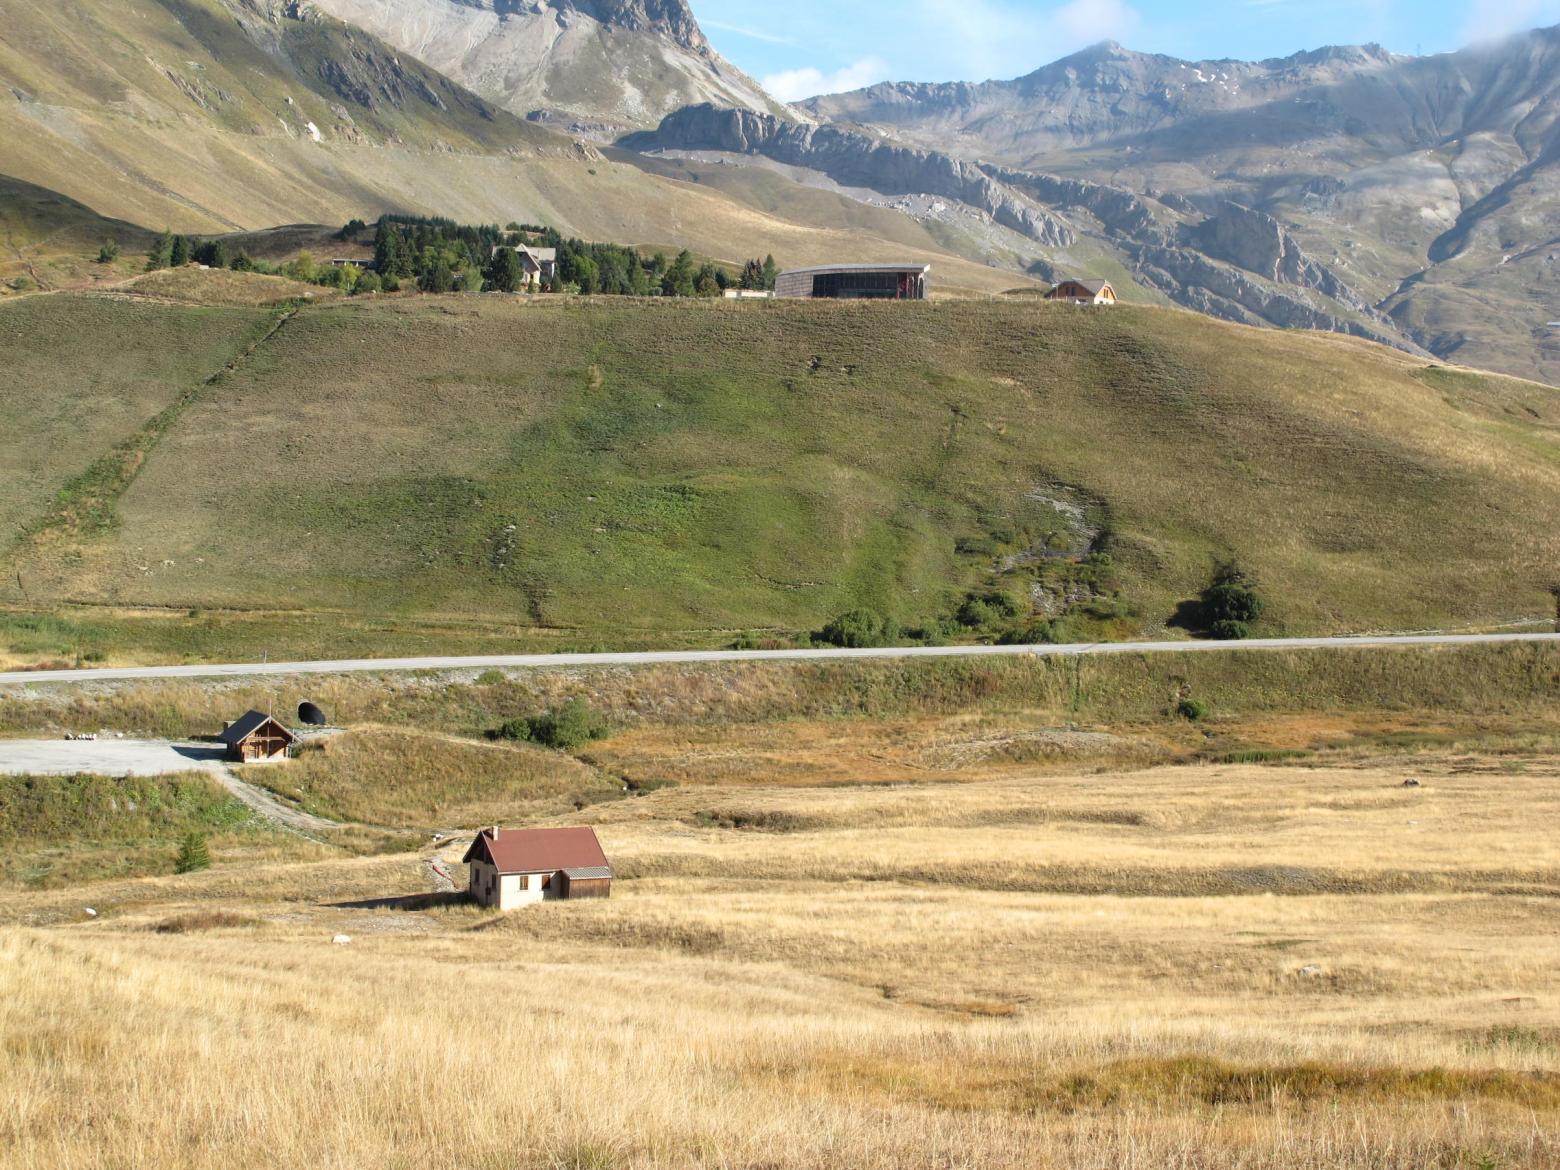 Col du Lautaret, oct 2016, après les travaux d'enfouissement de la ligne électrique - © Nils Paulet - Parc national des Écrins